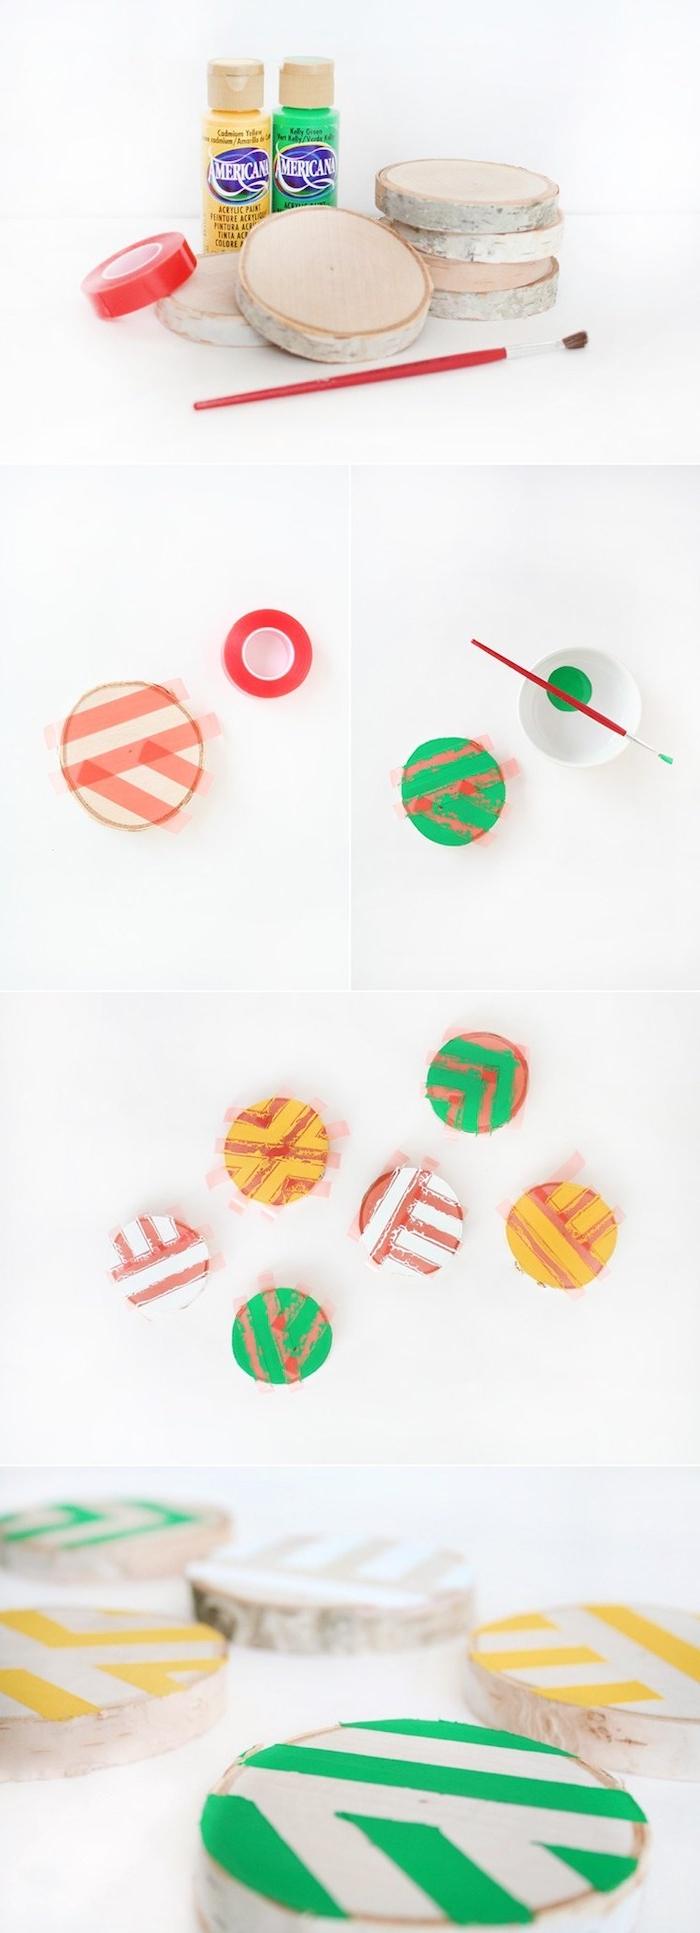 tutoriel pour faire des dessous de verre en rondins de bois décorés à motifs bandes colorées, activité manuelle adulte